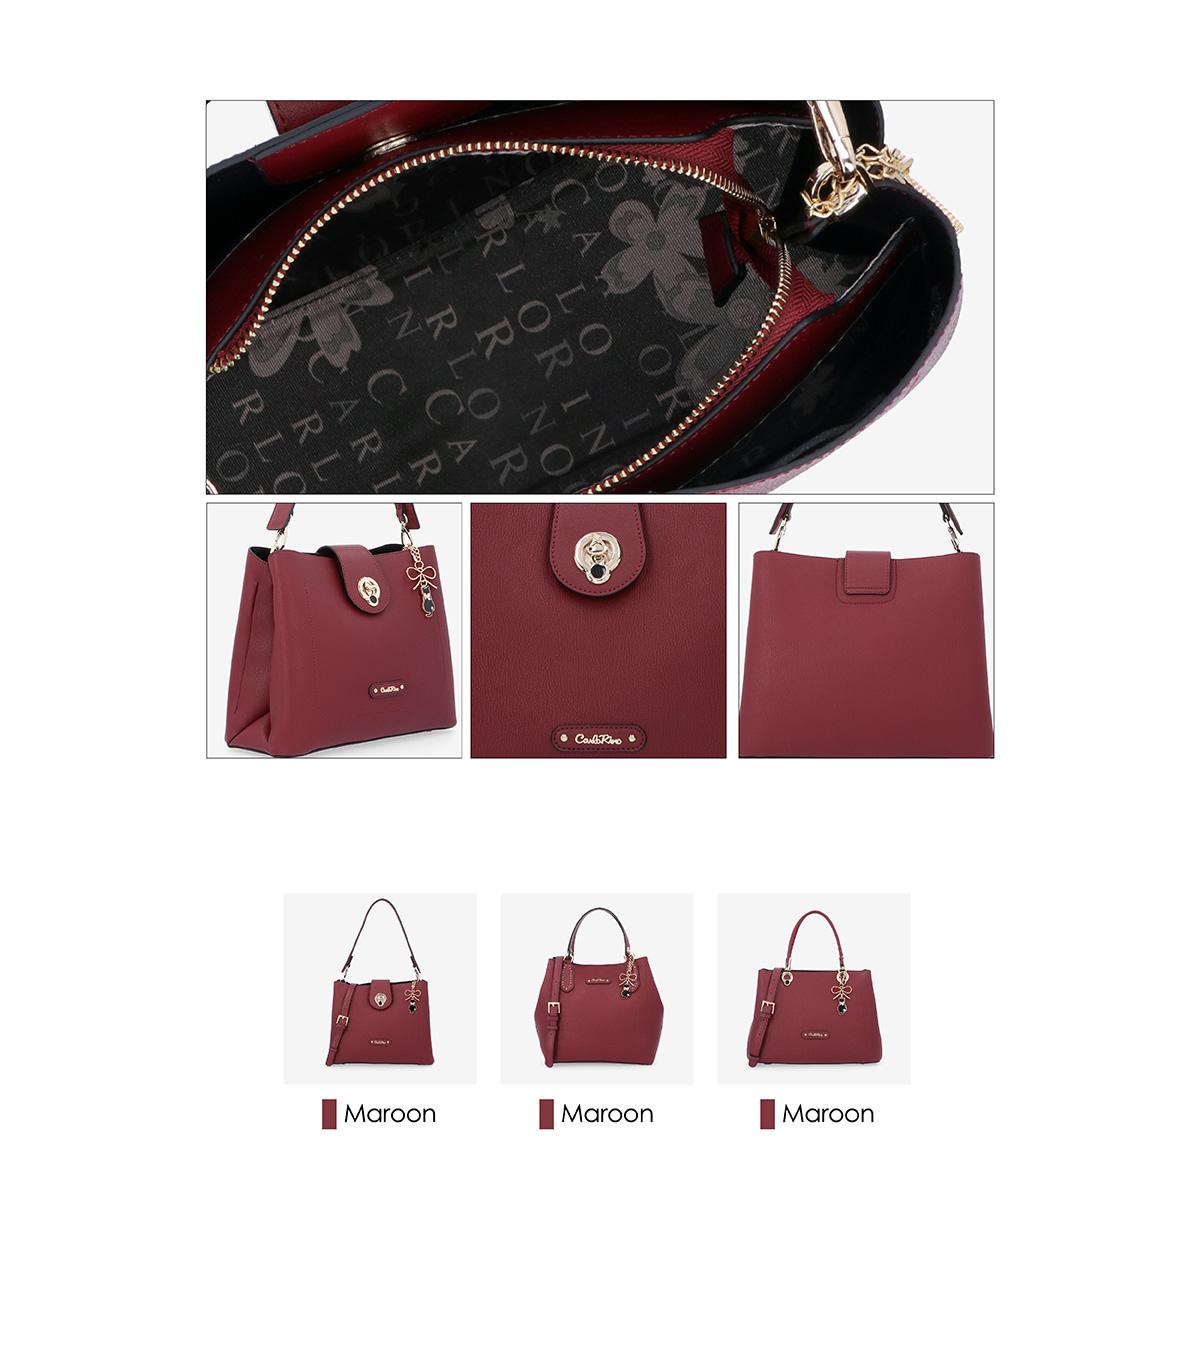 0305015H 001 03 - For The Cat Lovers Shoulder Bag